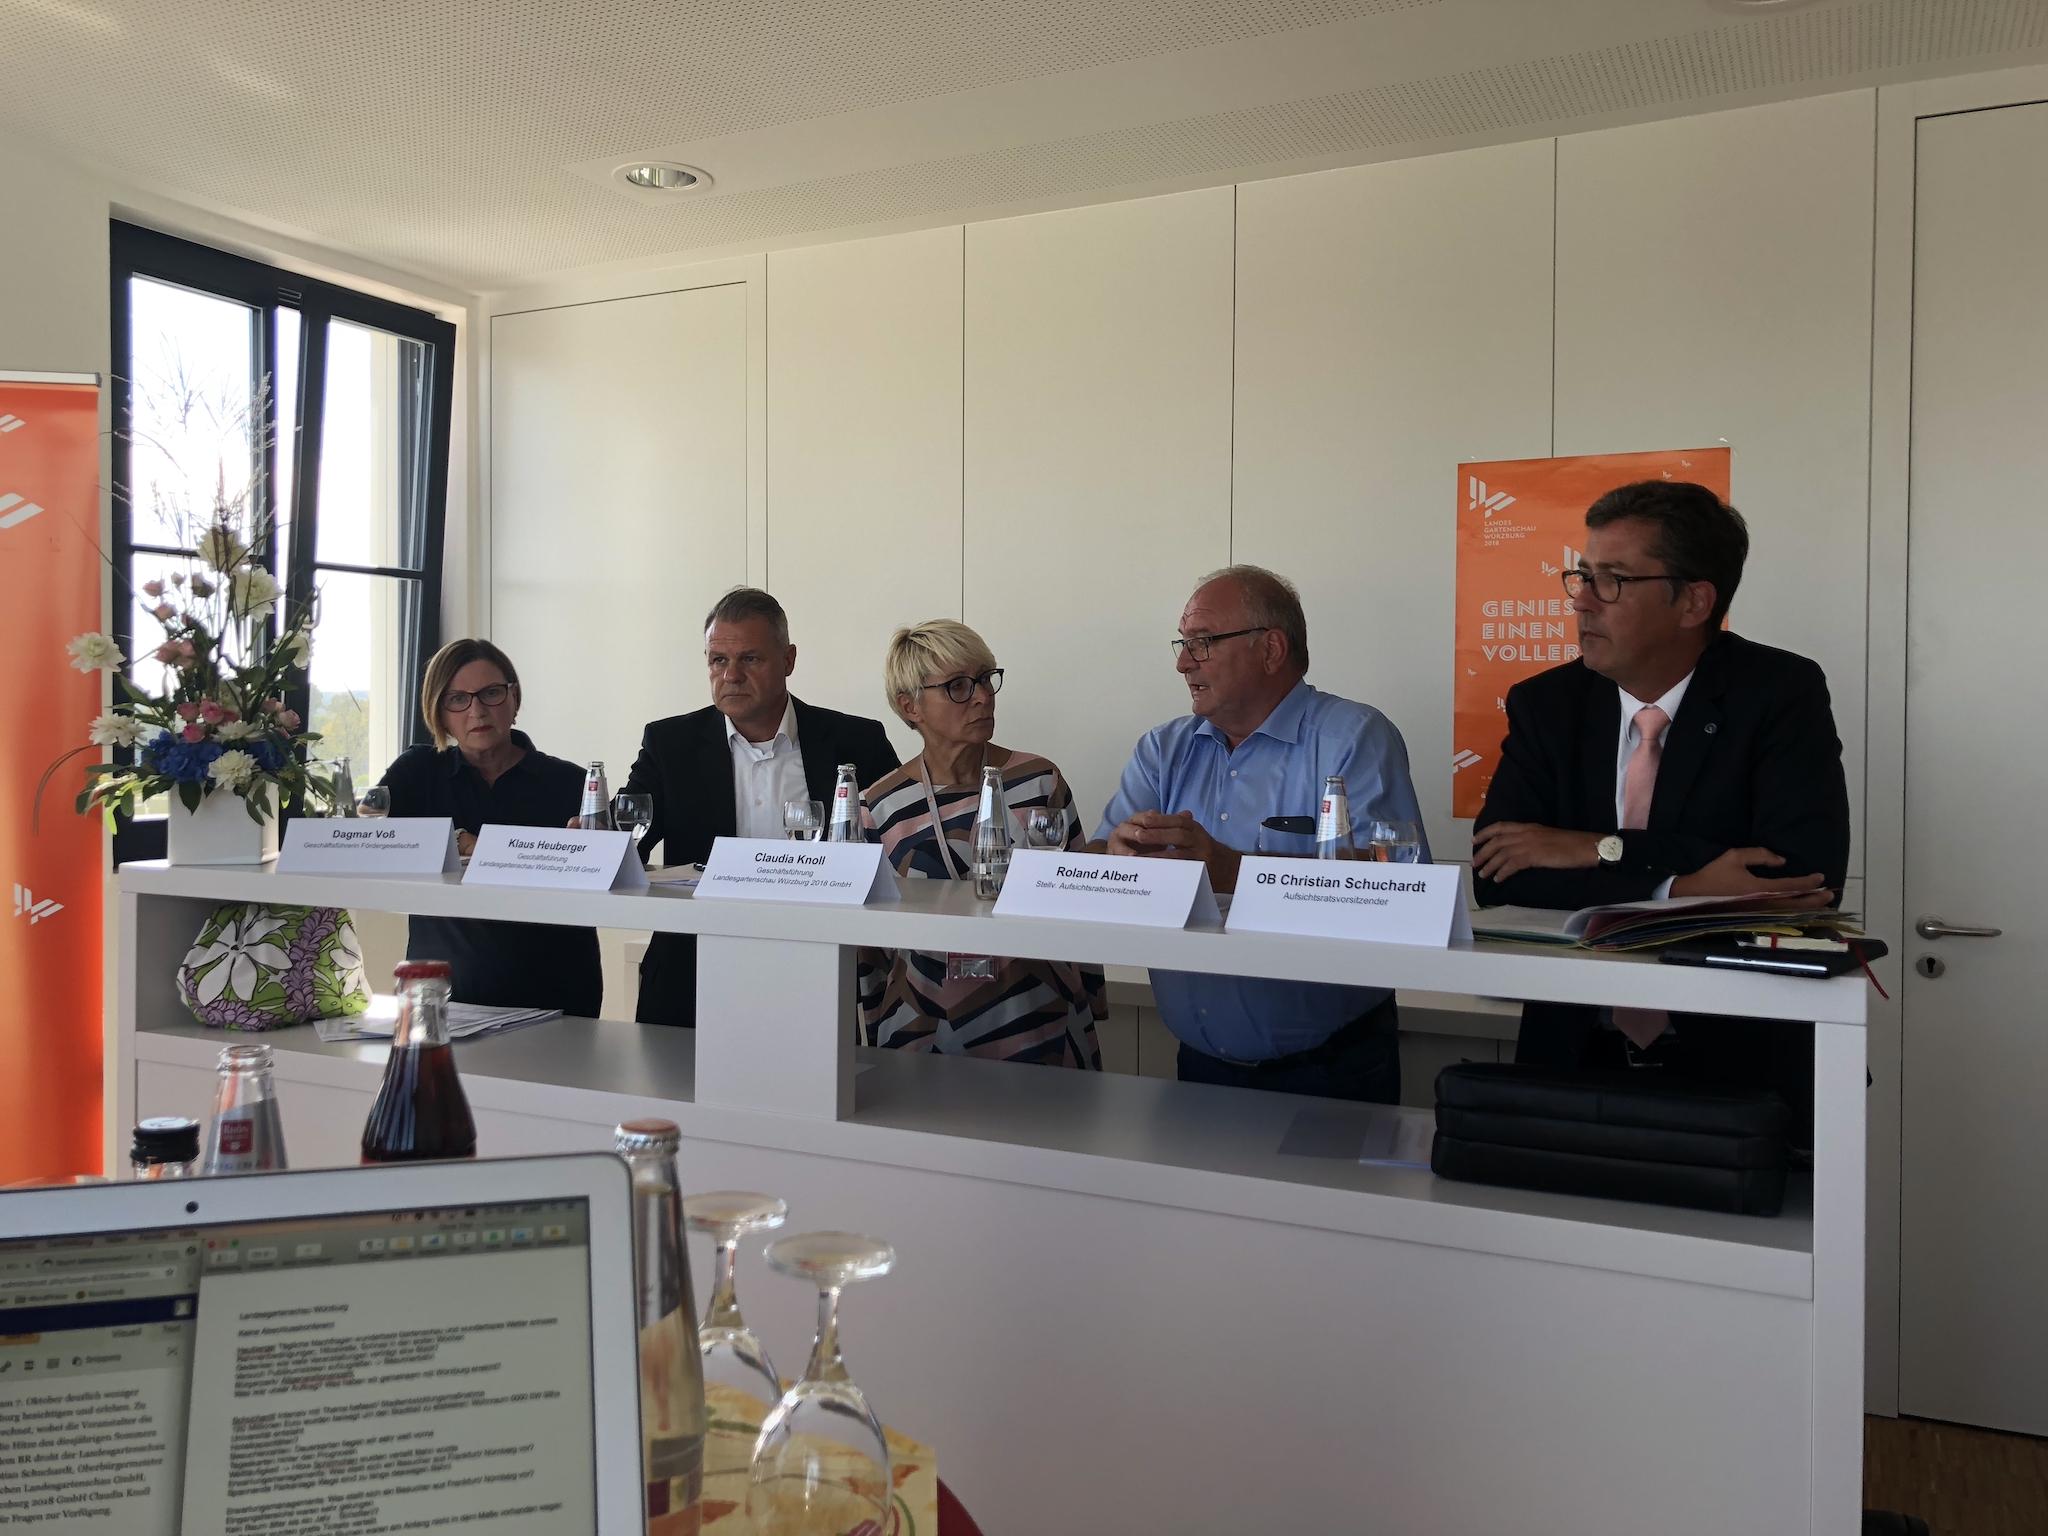 Pressekonferenz der Landesgartenschau-Verantwortlichen am 11. September 2018. Foto: Sarah Willer